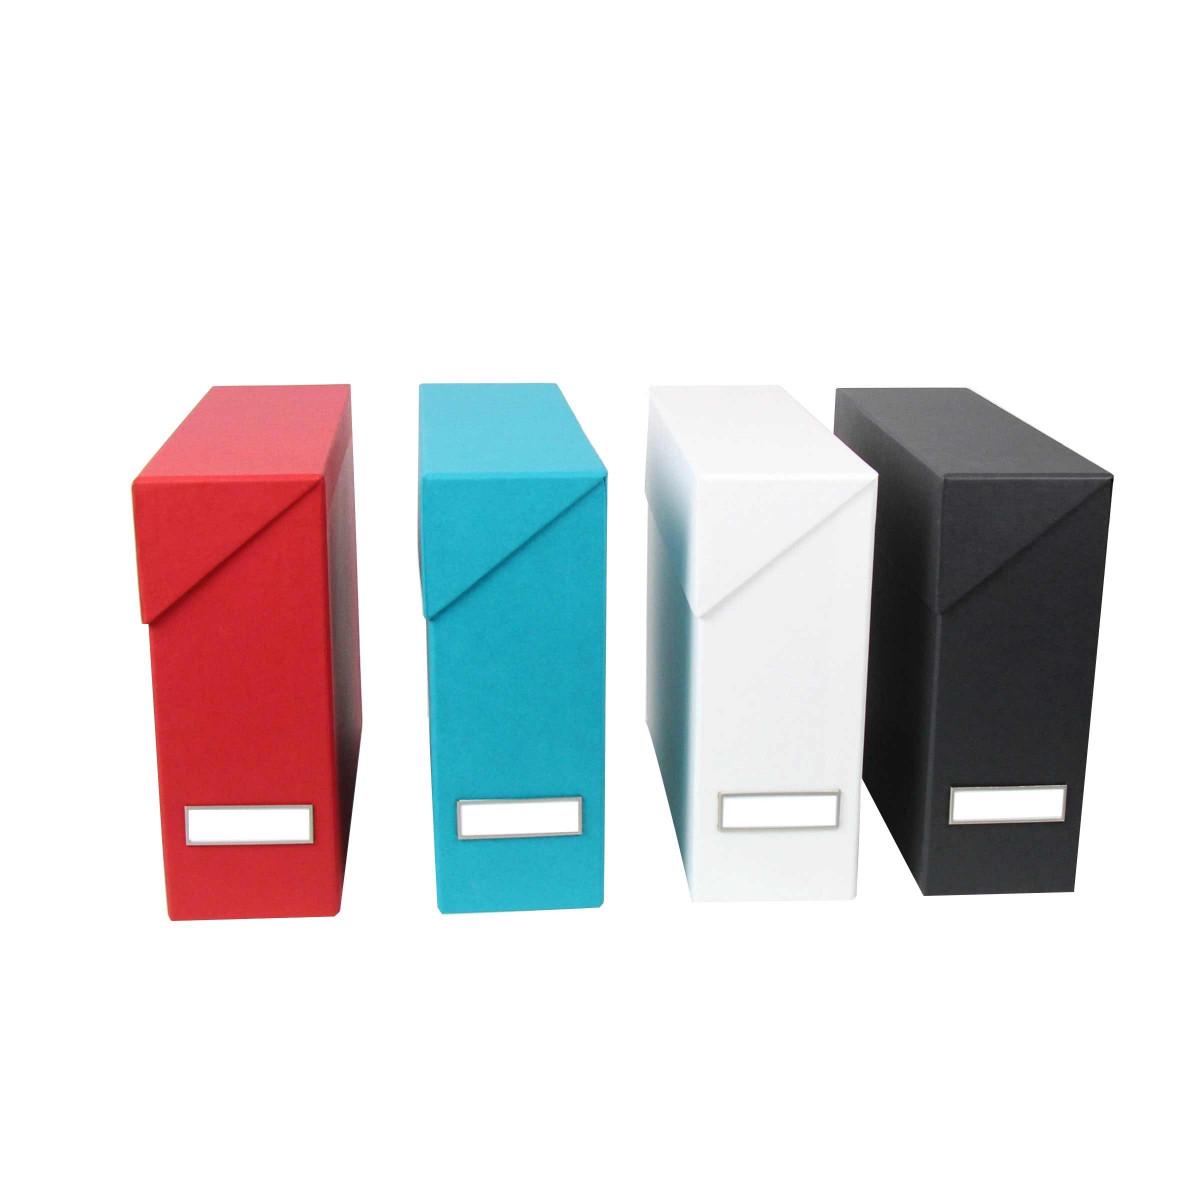 Bo te classement carton gris anthracite rangement bureau for Classement papier bureau